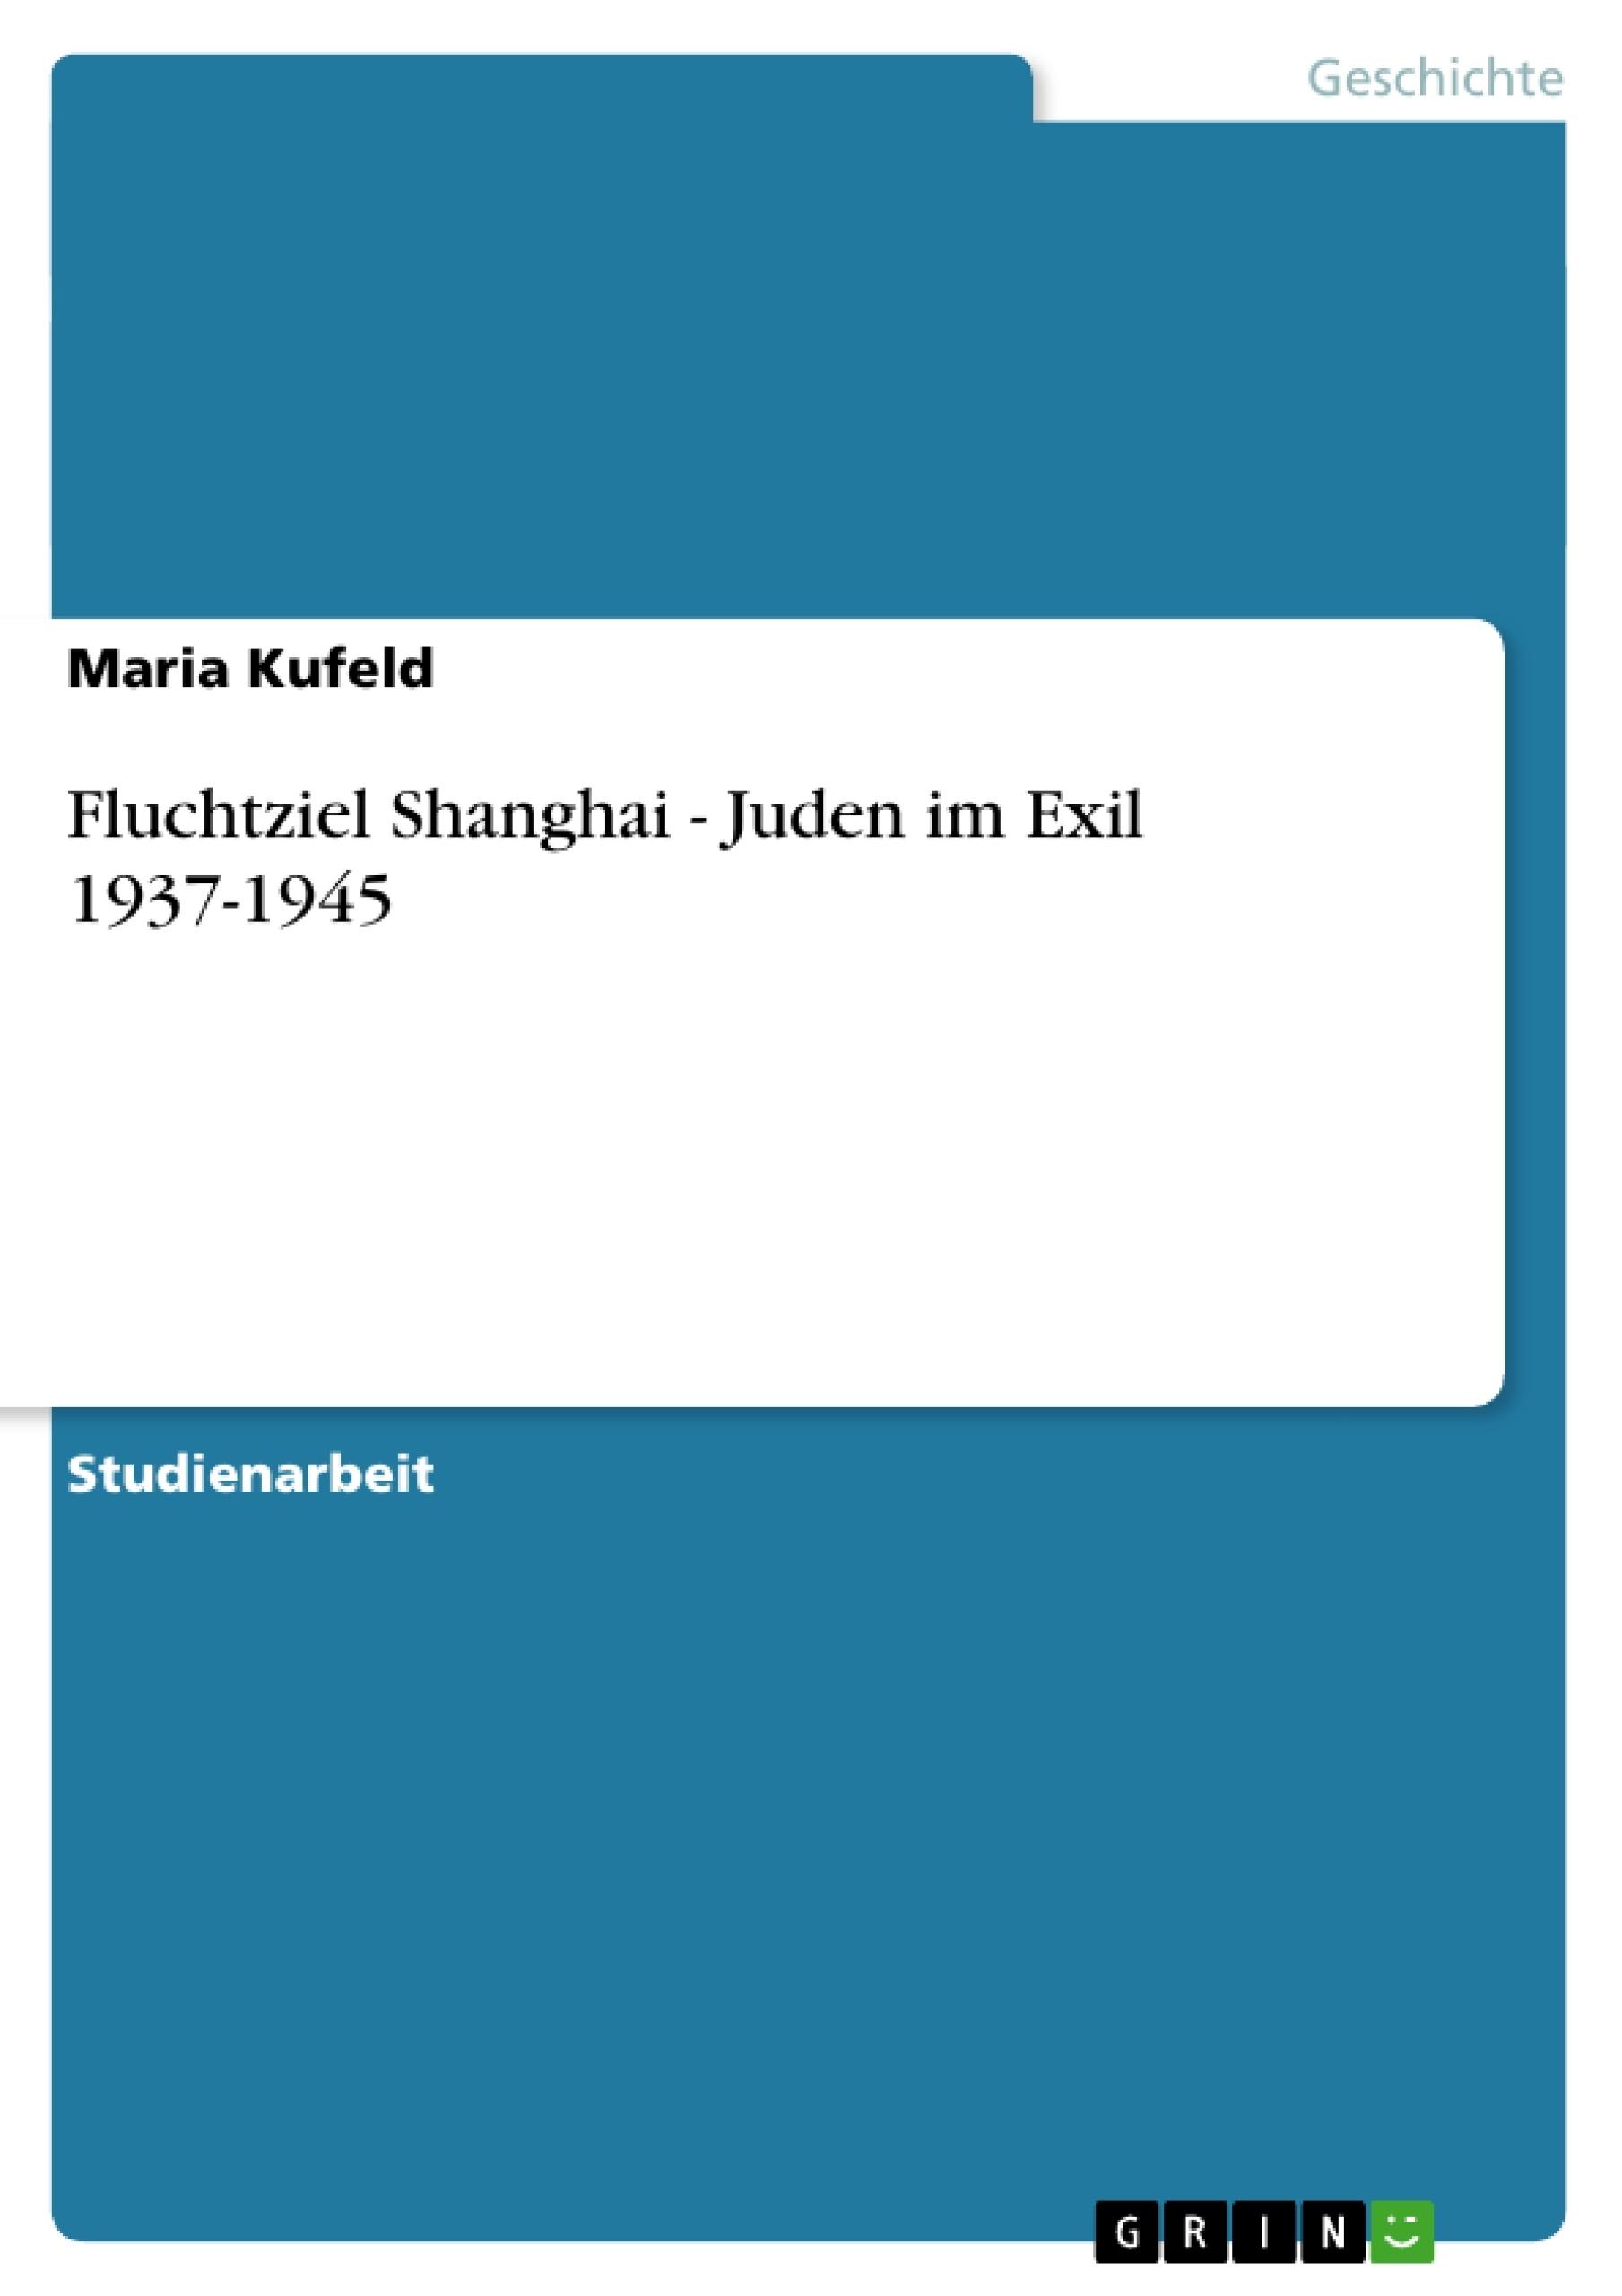 Titel: Fluchtziel Shanghai - Juden im Exil 1937-1945